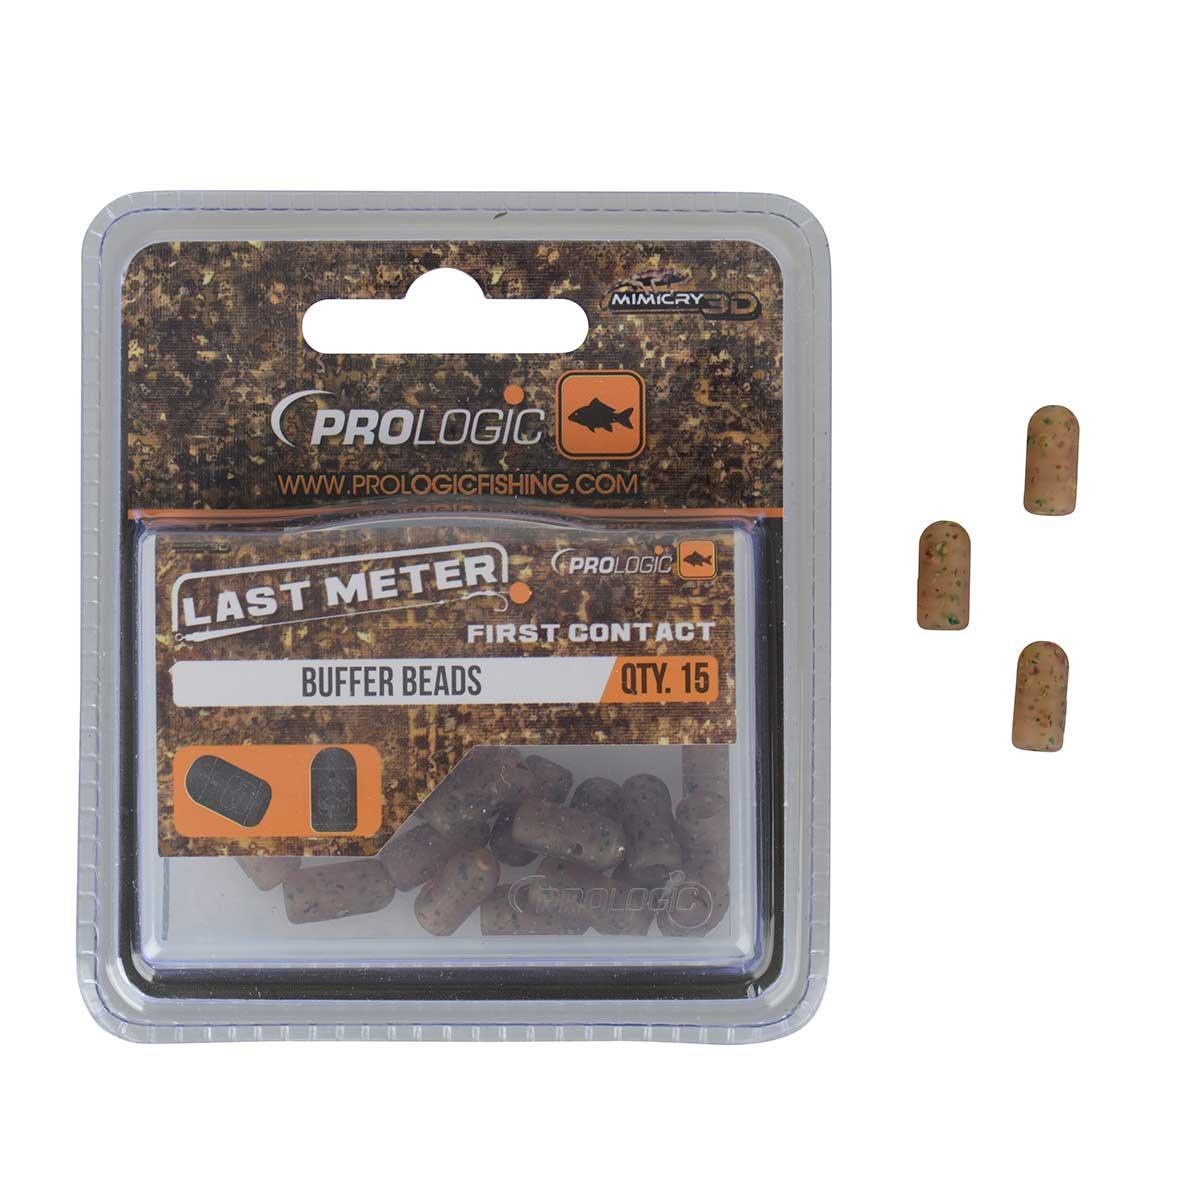 /produkty/181/obratliky-klipy-prevleky/Prologic/Prevlek-Mimicry-Buffer-Beads